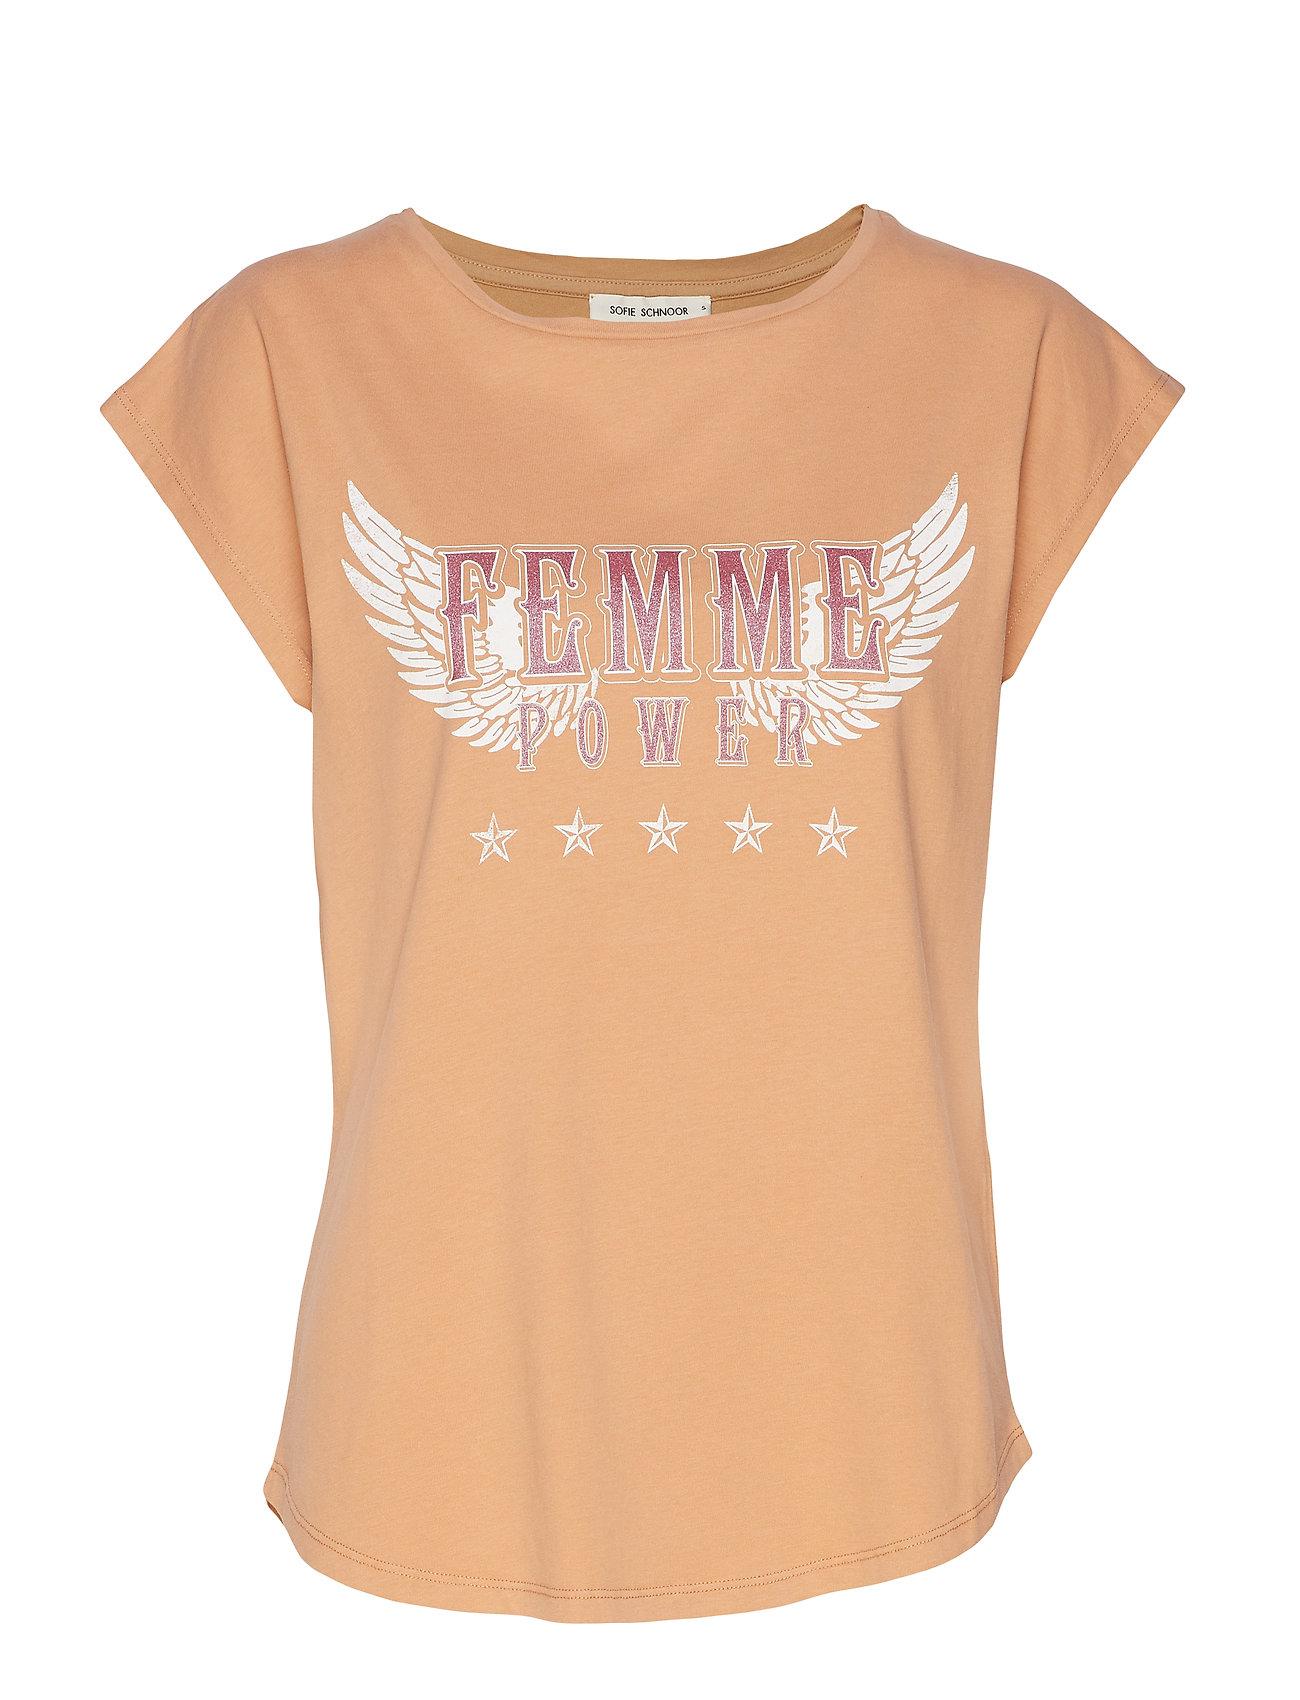 Sofie Schnoor T-shirt - CAMEL